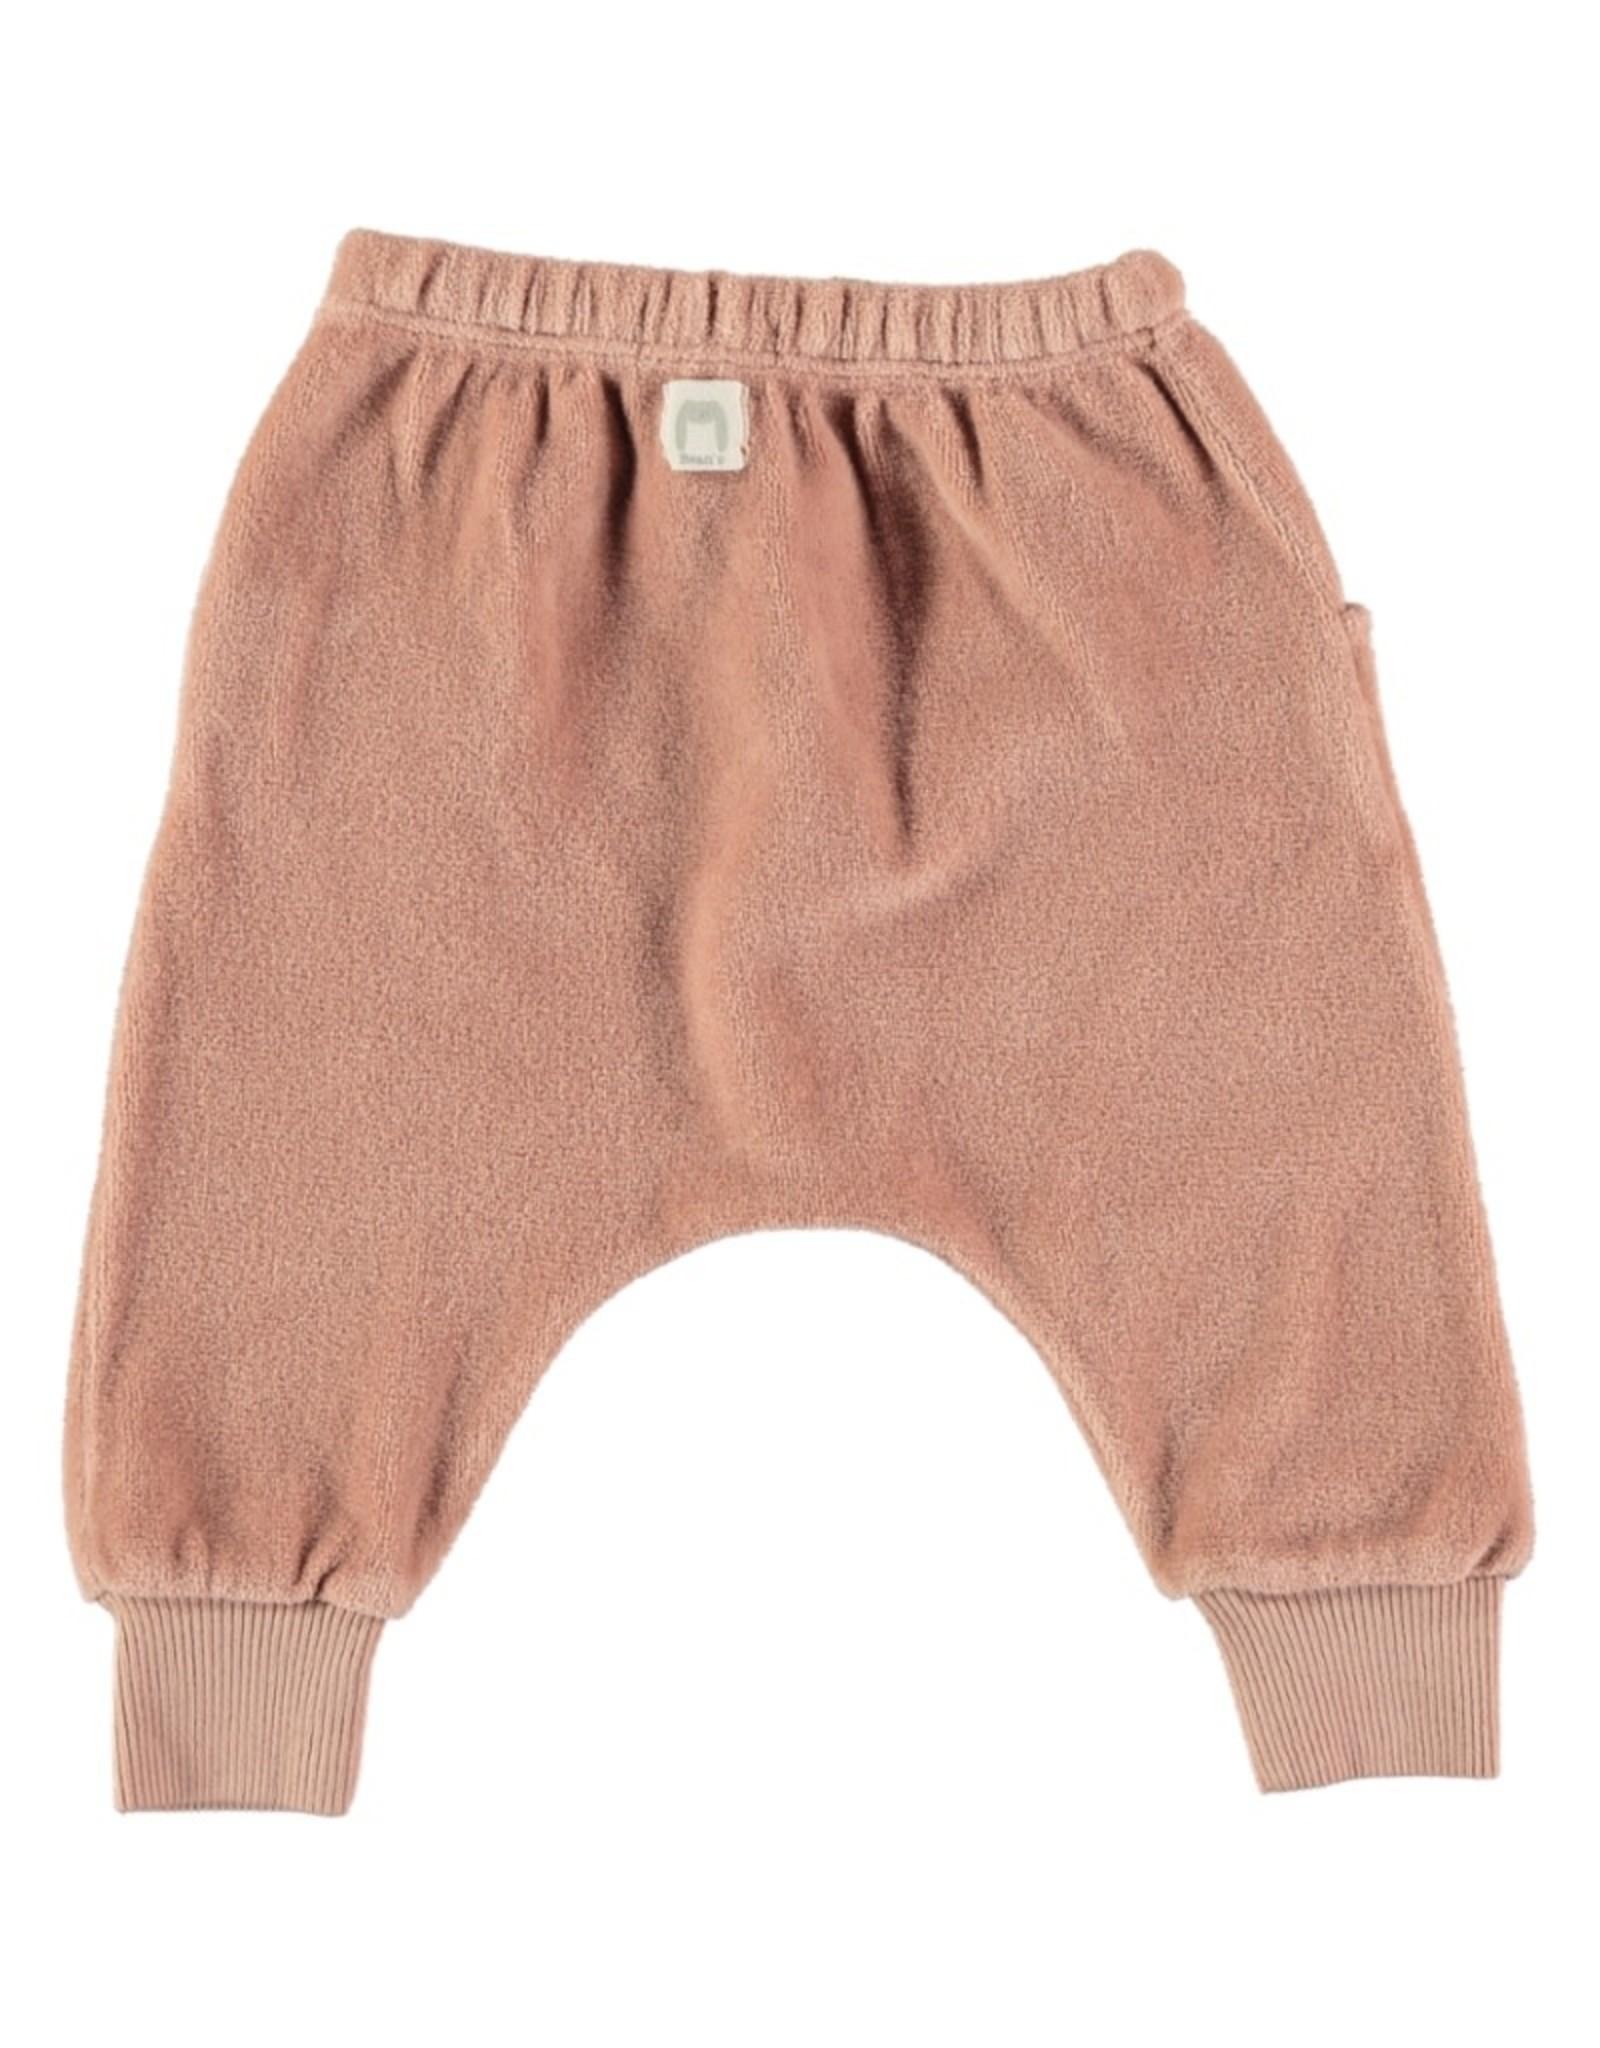 Bean's BRUNO - pantalon en velours - rose